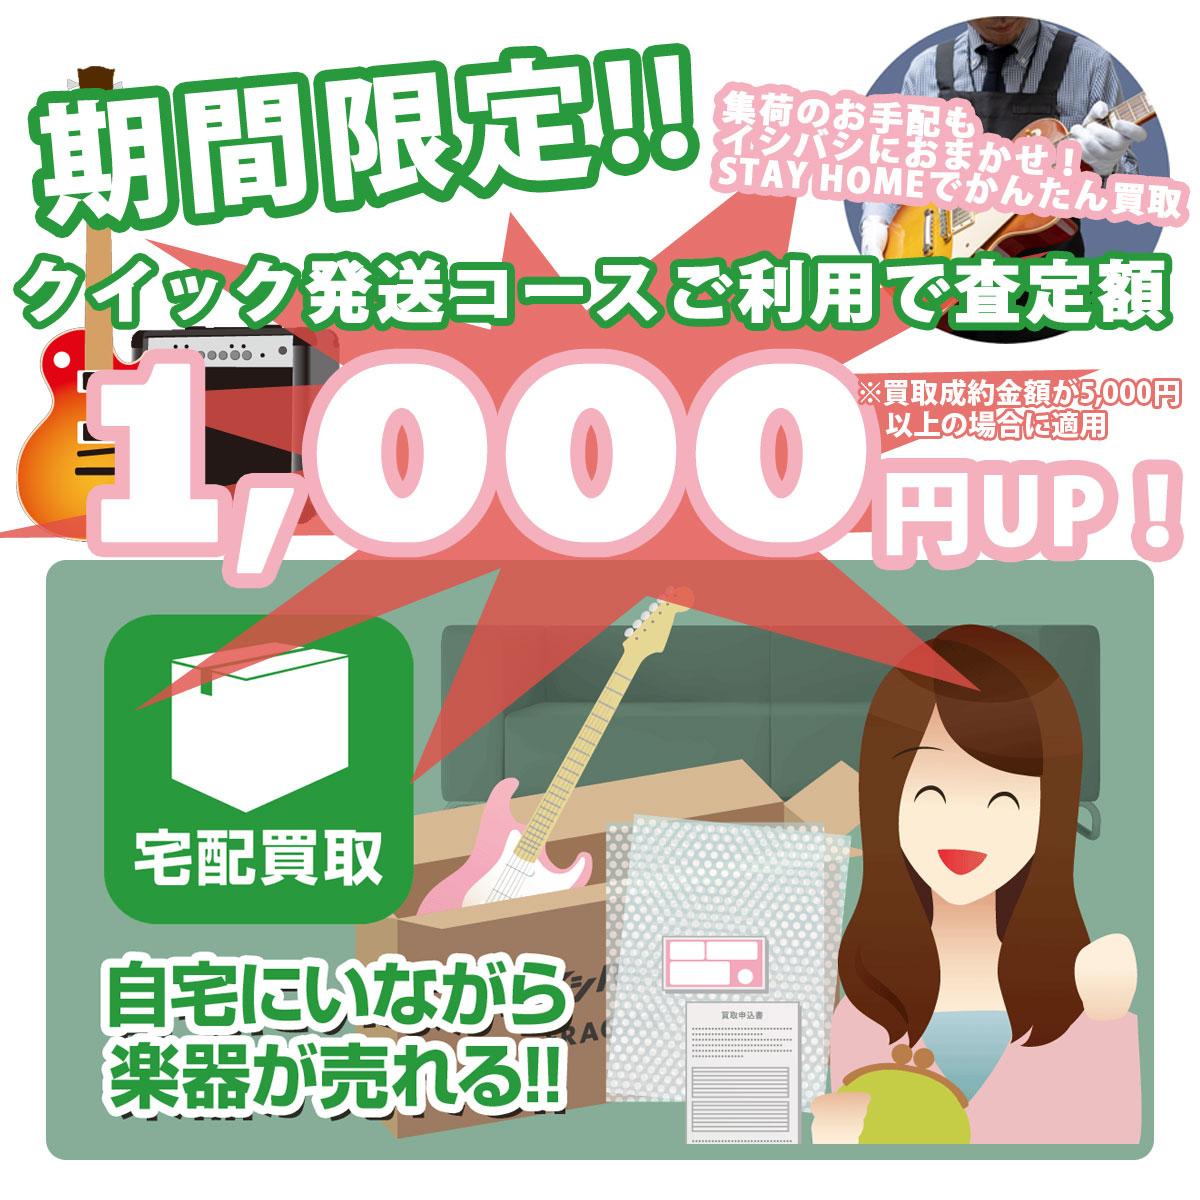 宅配買取クイック発送コースご利用で査定額1,000円UP!